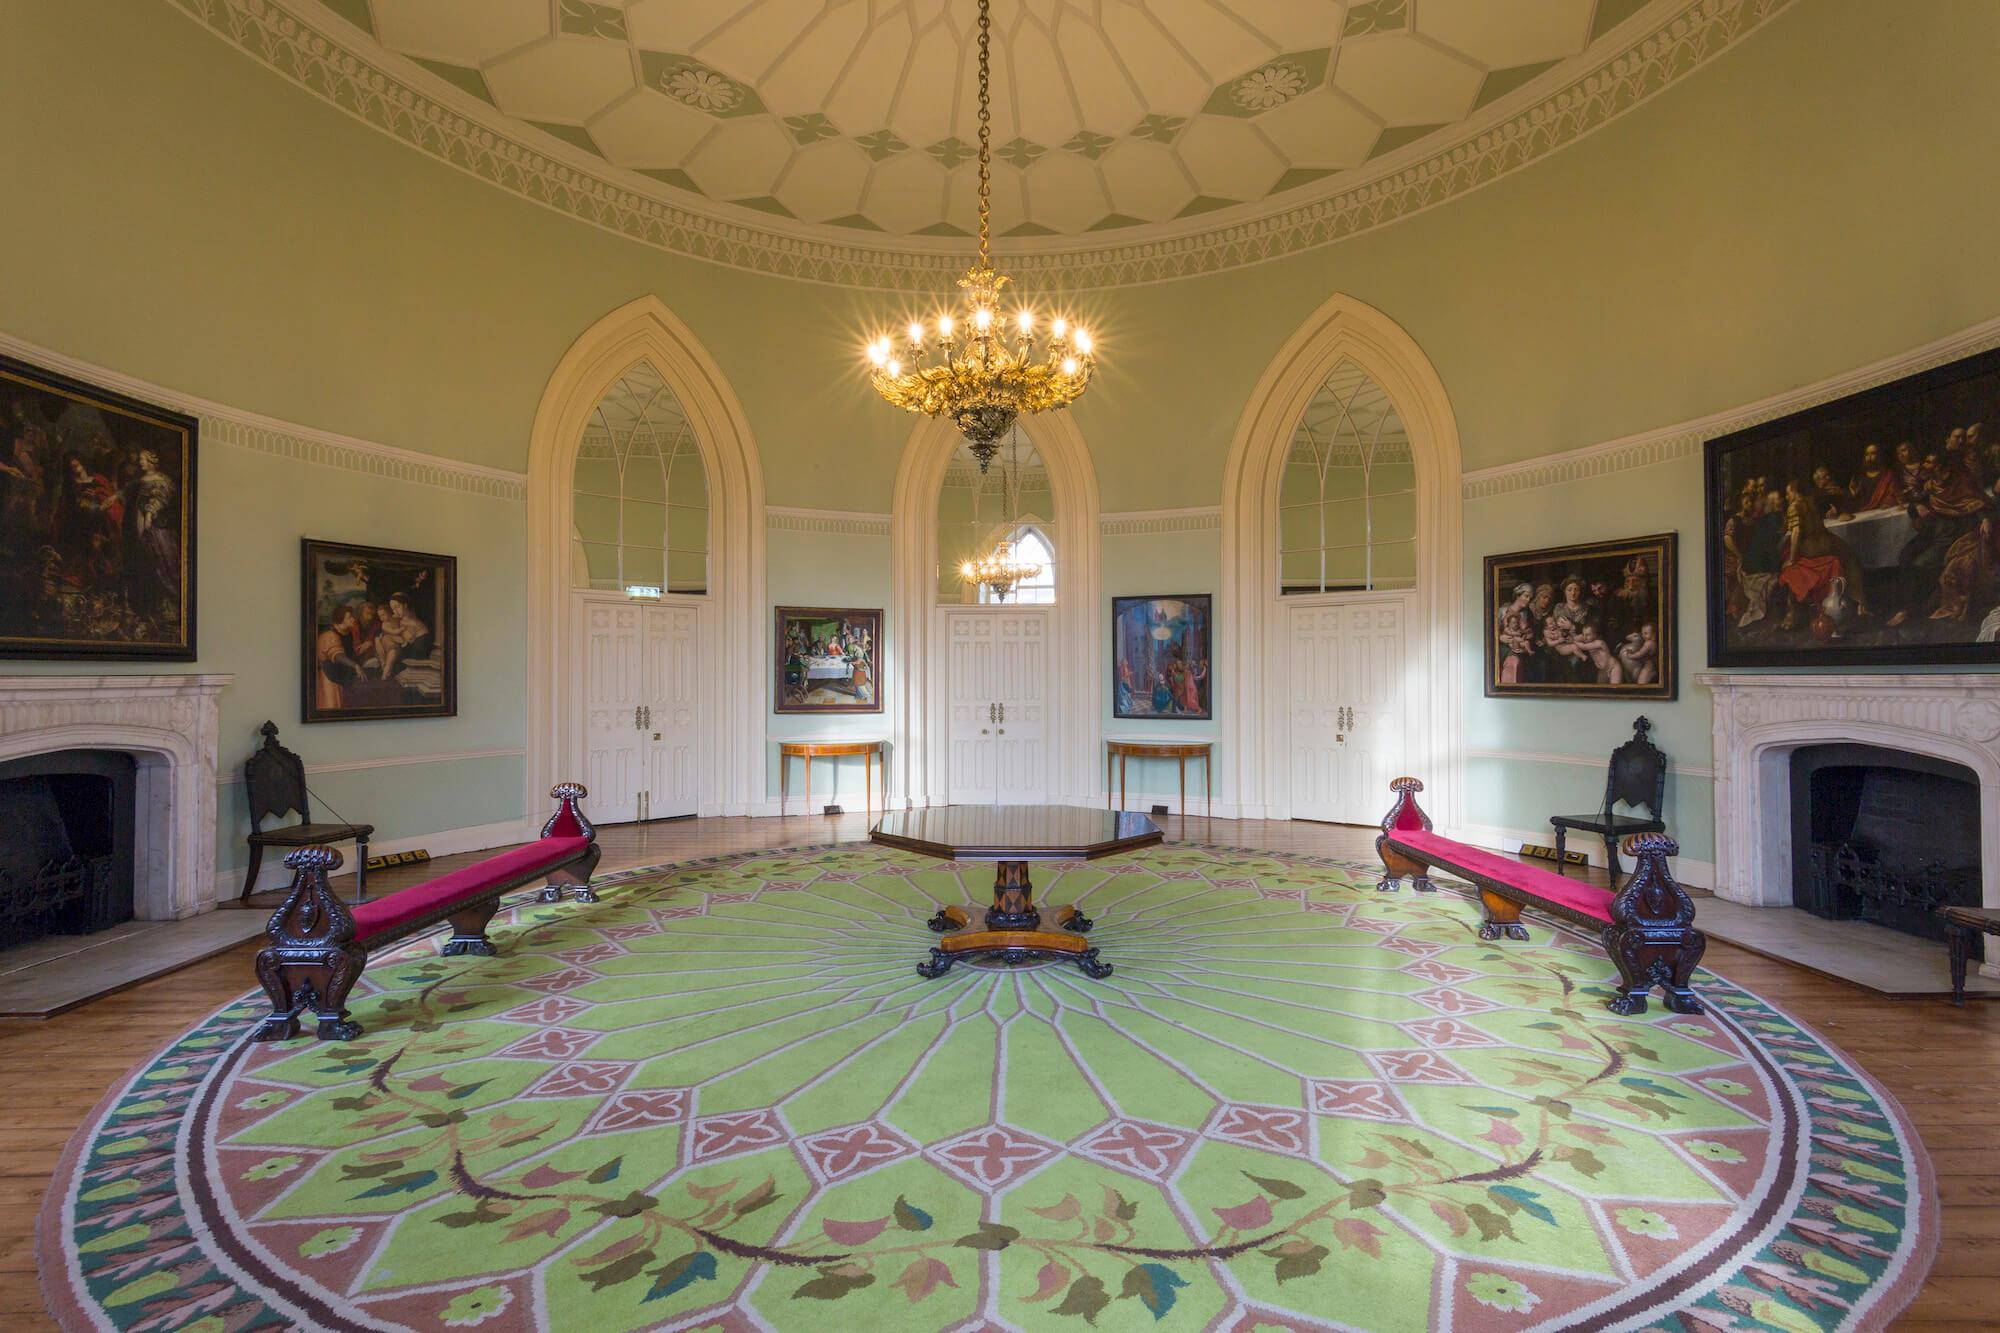 Круглая комната замка - The Gothic Room